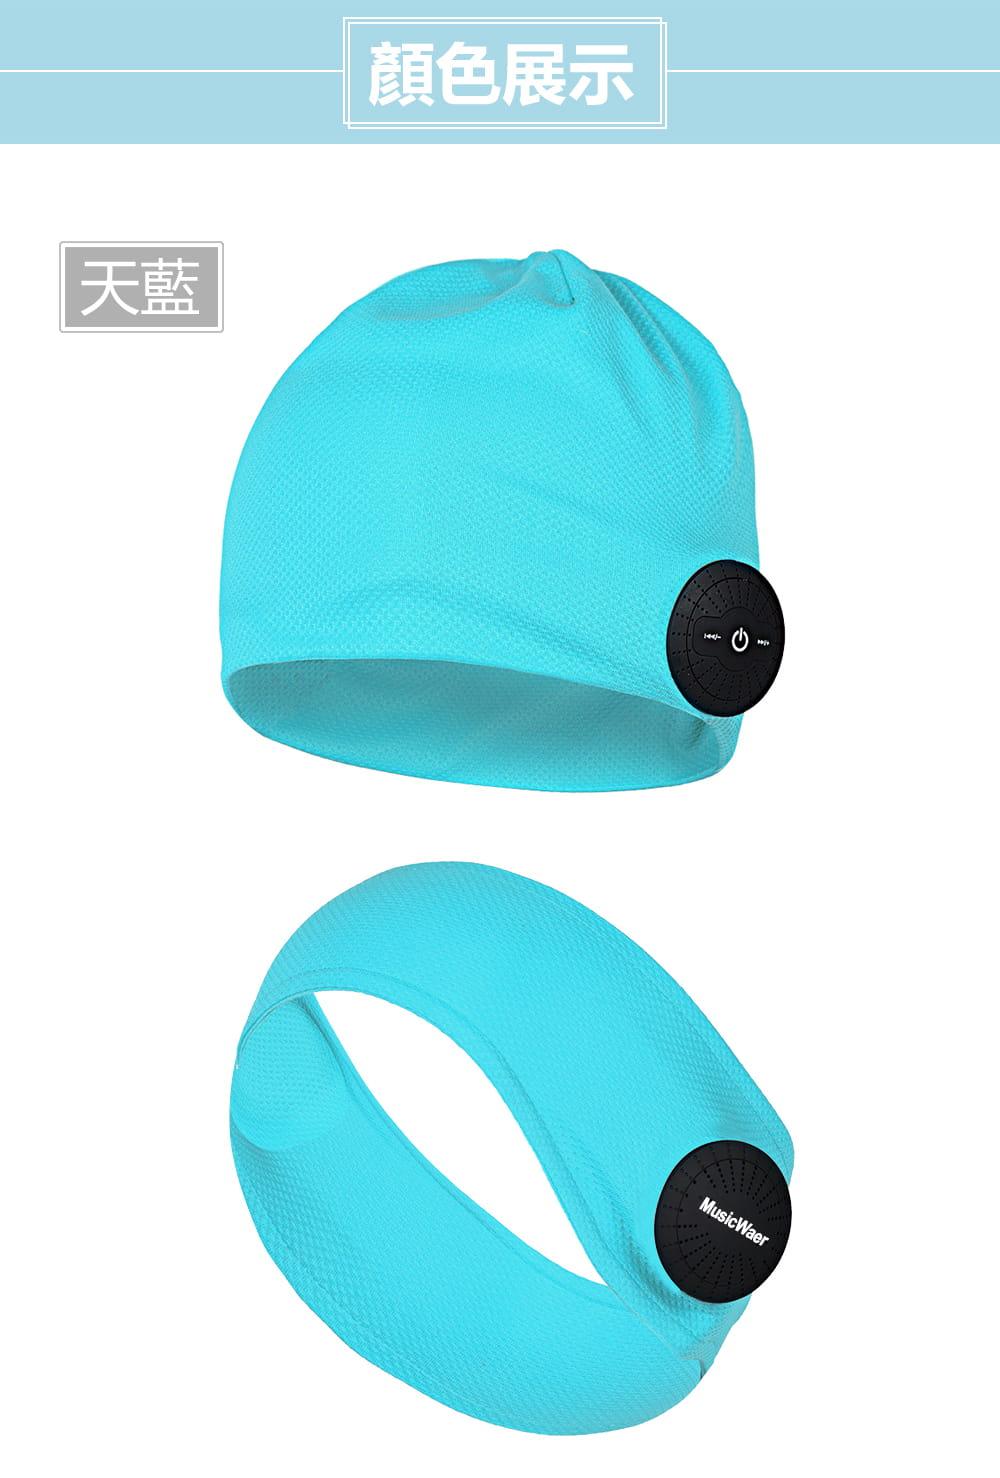 運動頭巾 藍牙耳機帽 7